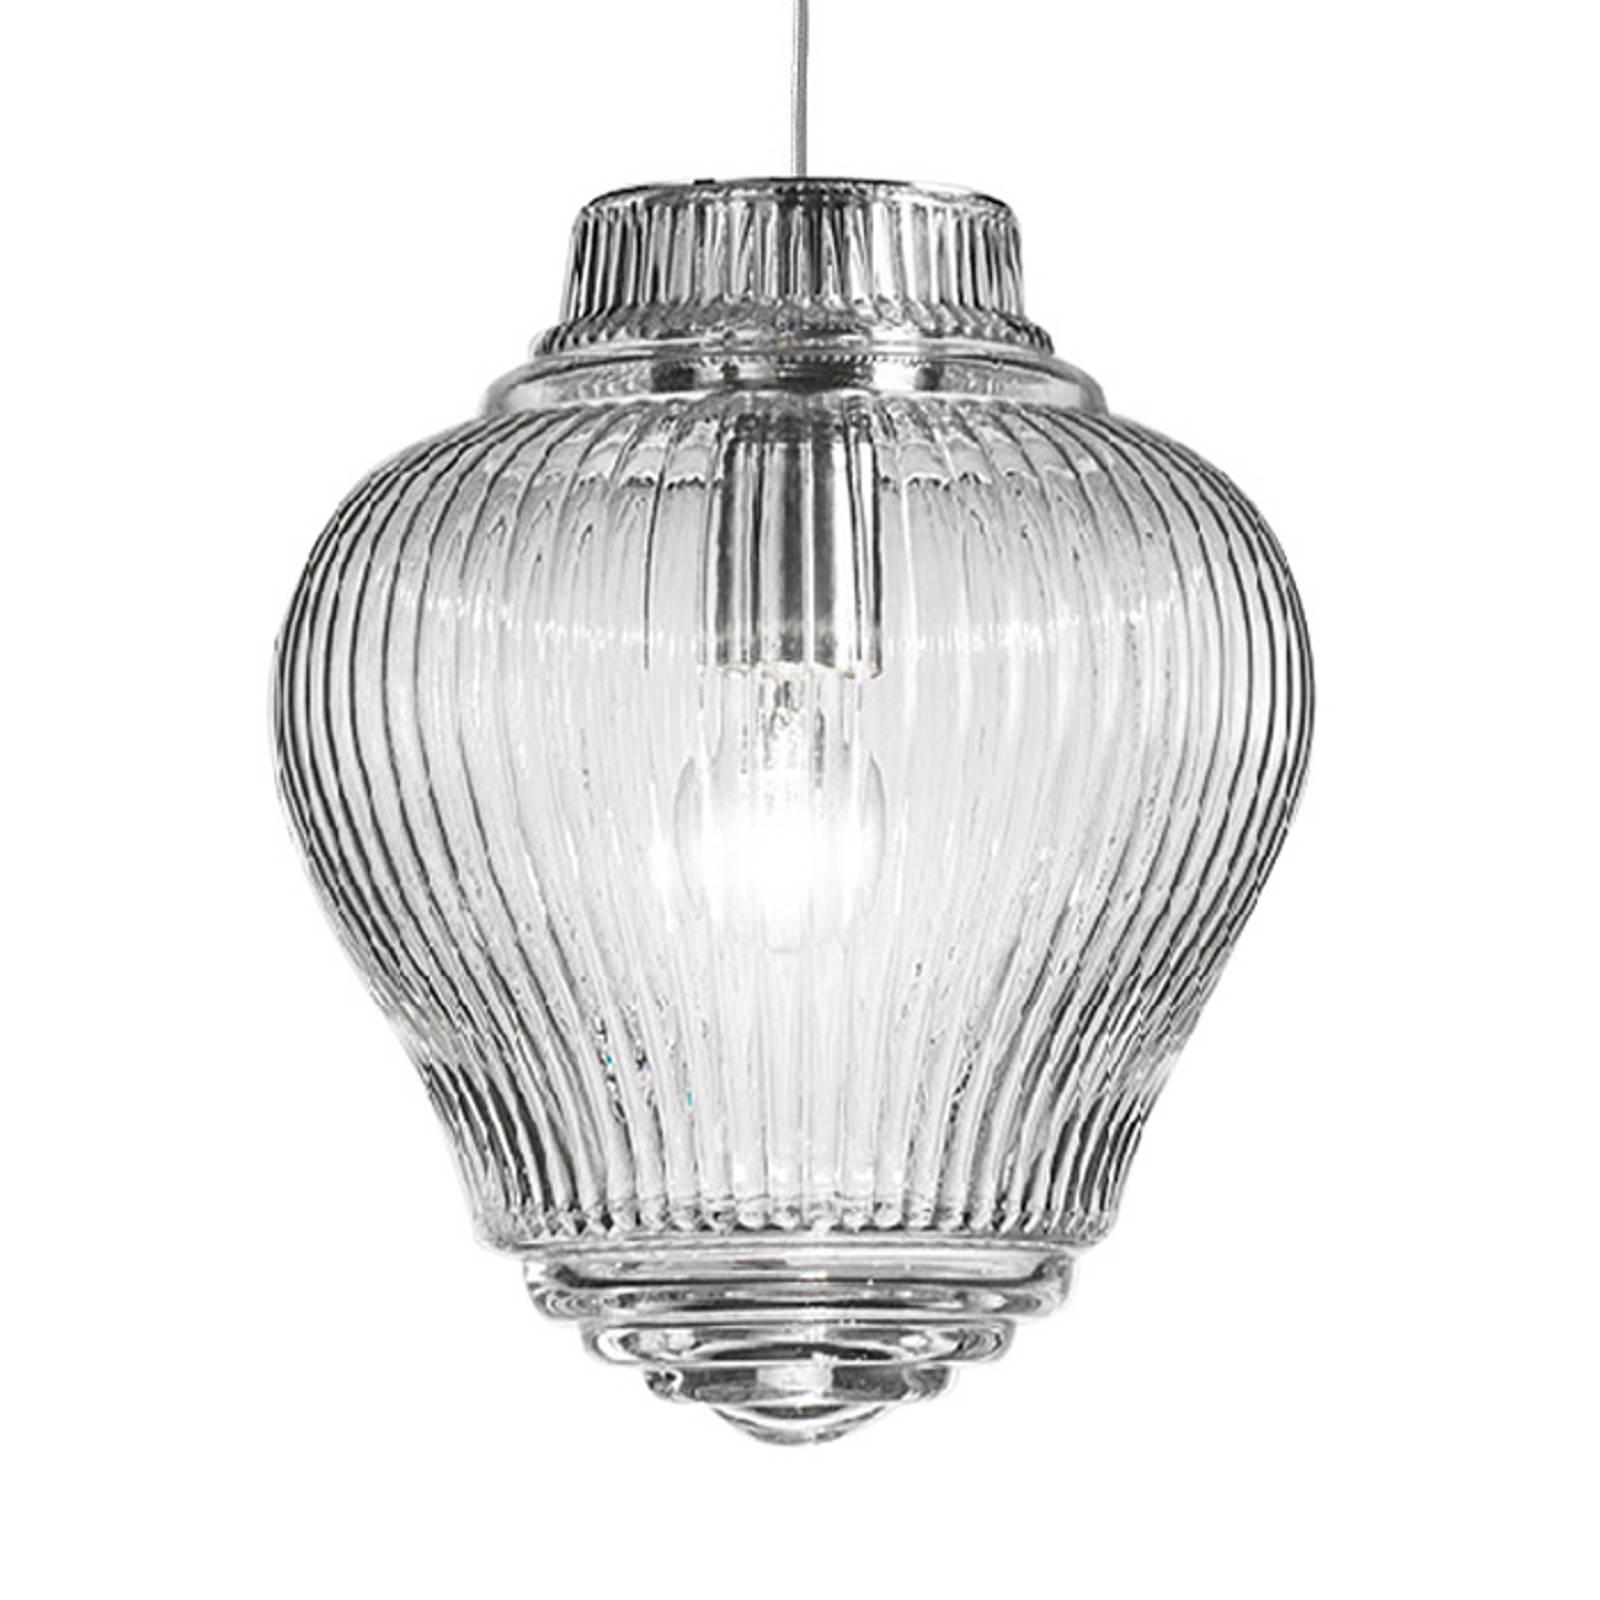 Lampa wisząca Clyde 130 cm przezroczysta